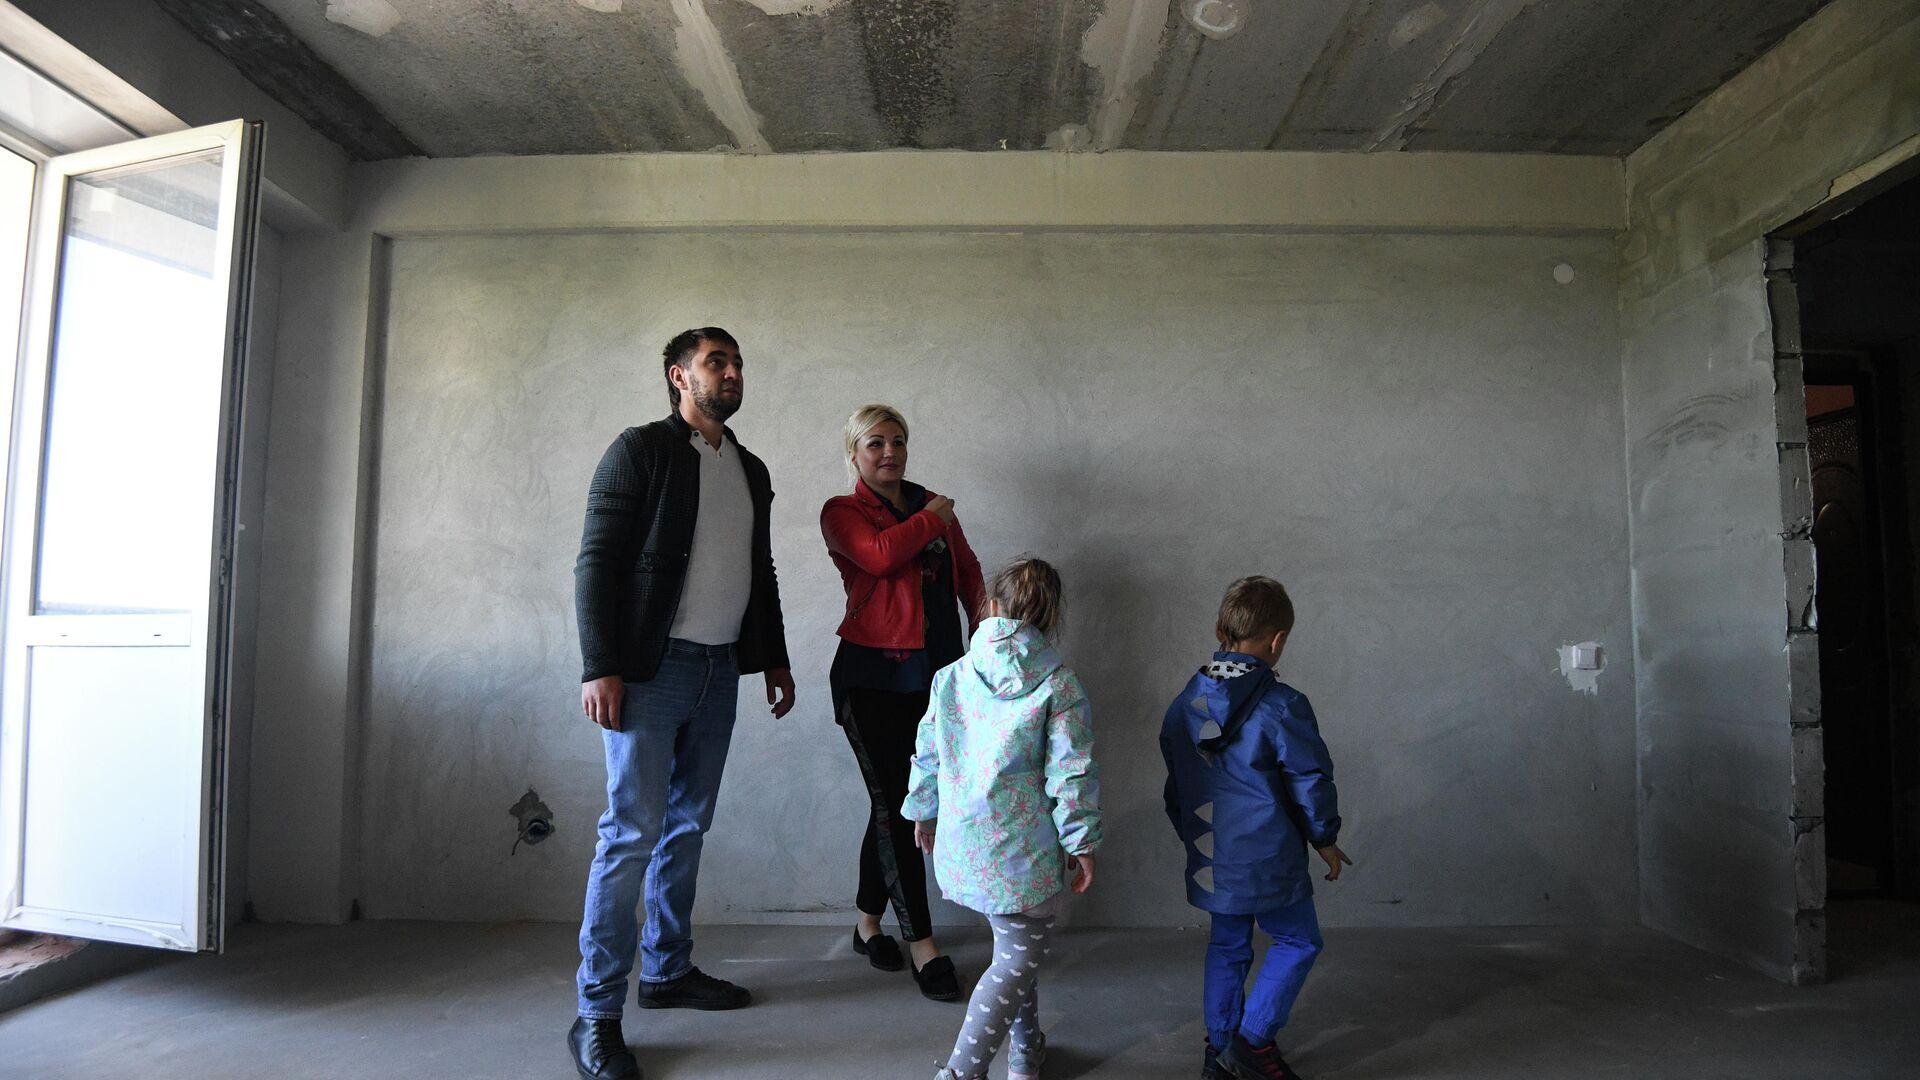 Семья осматривает квартиру нового дома - РИА Новости, 1920, 16.09.2020